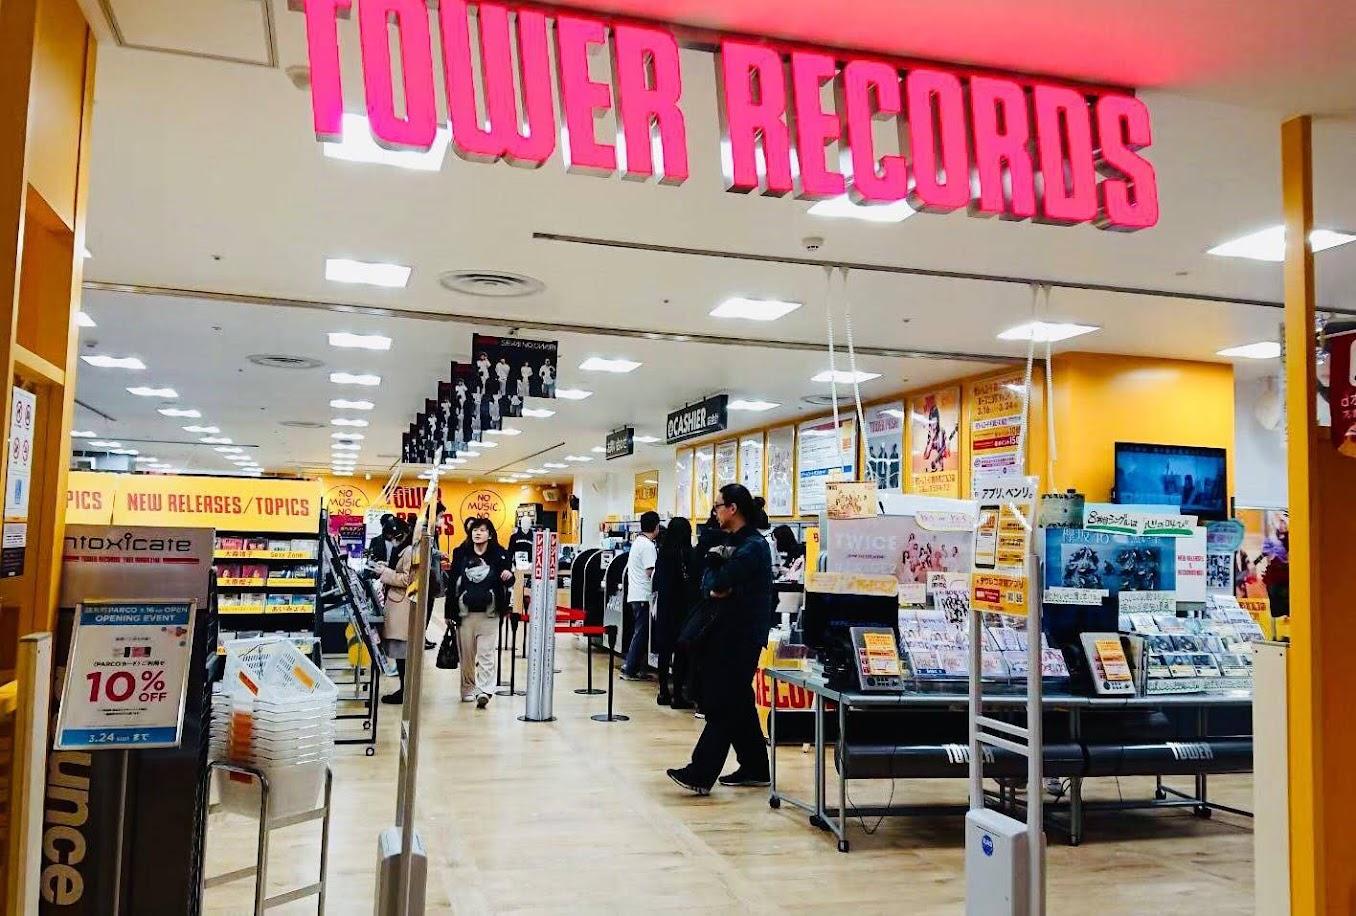 [迷迷音樂] 令和元年 TOWER RECORDS 銷售排行出爐